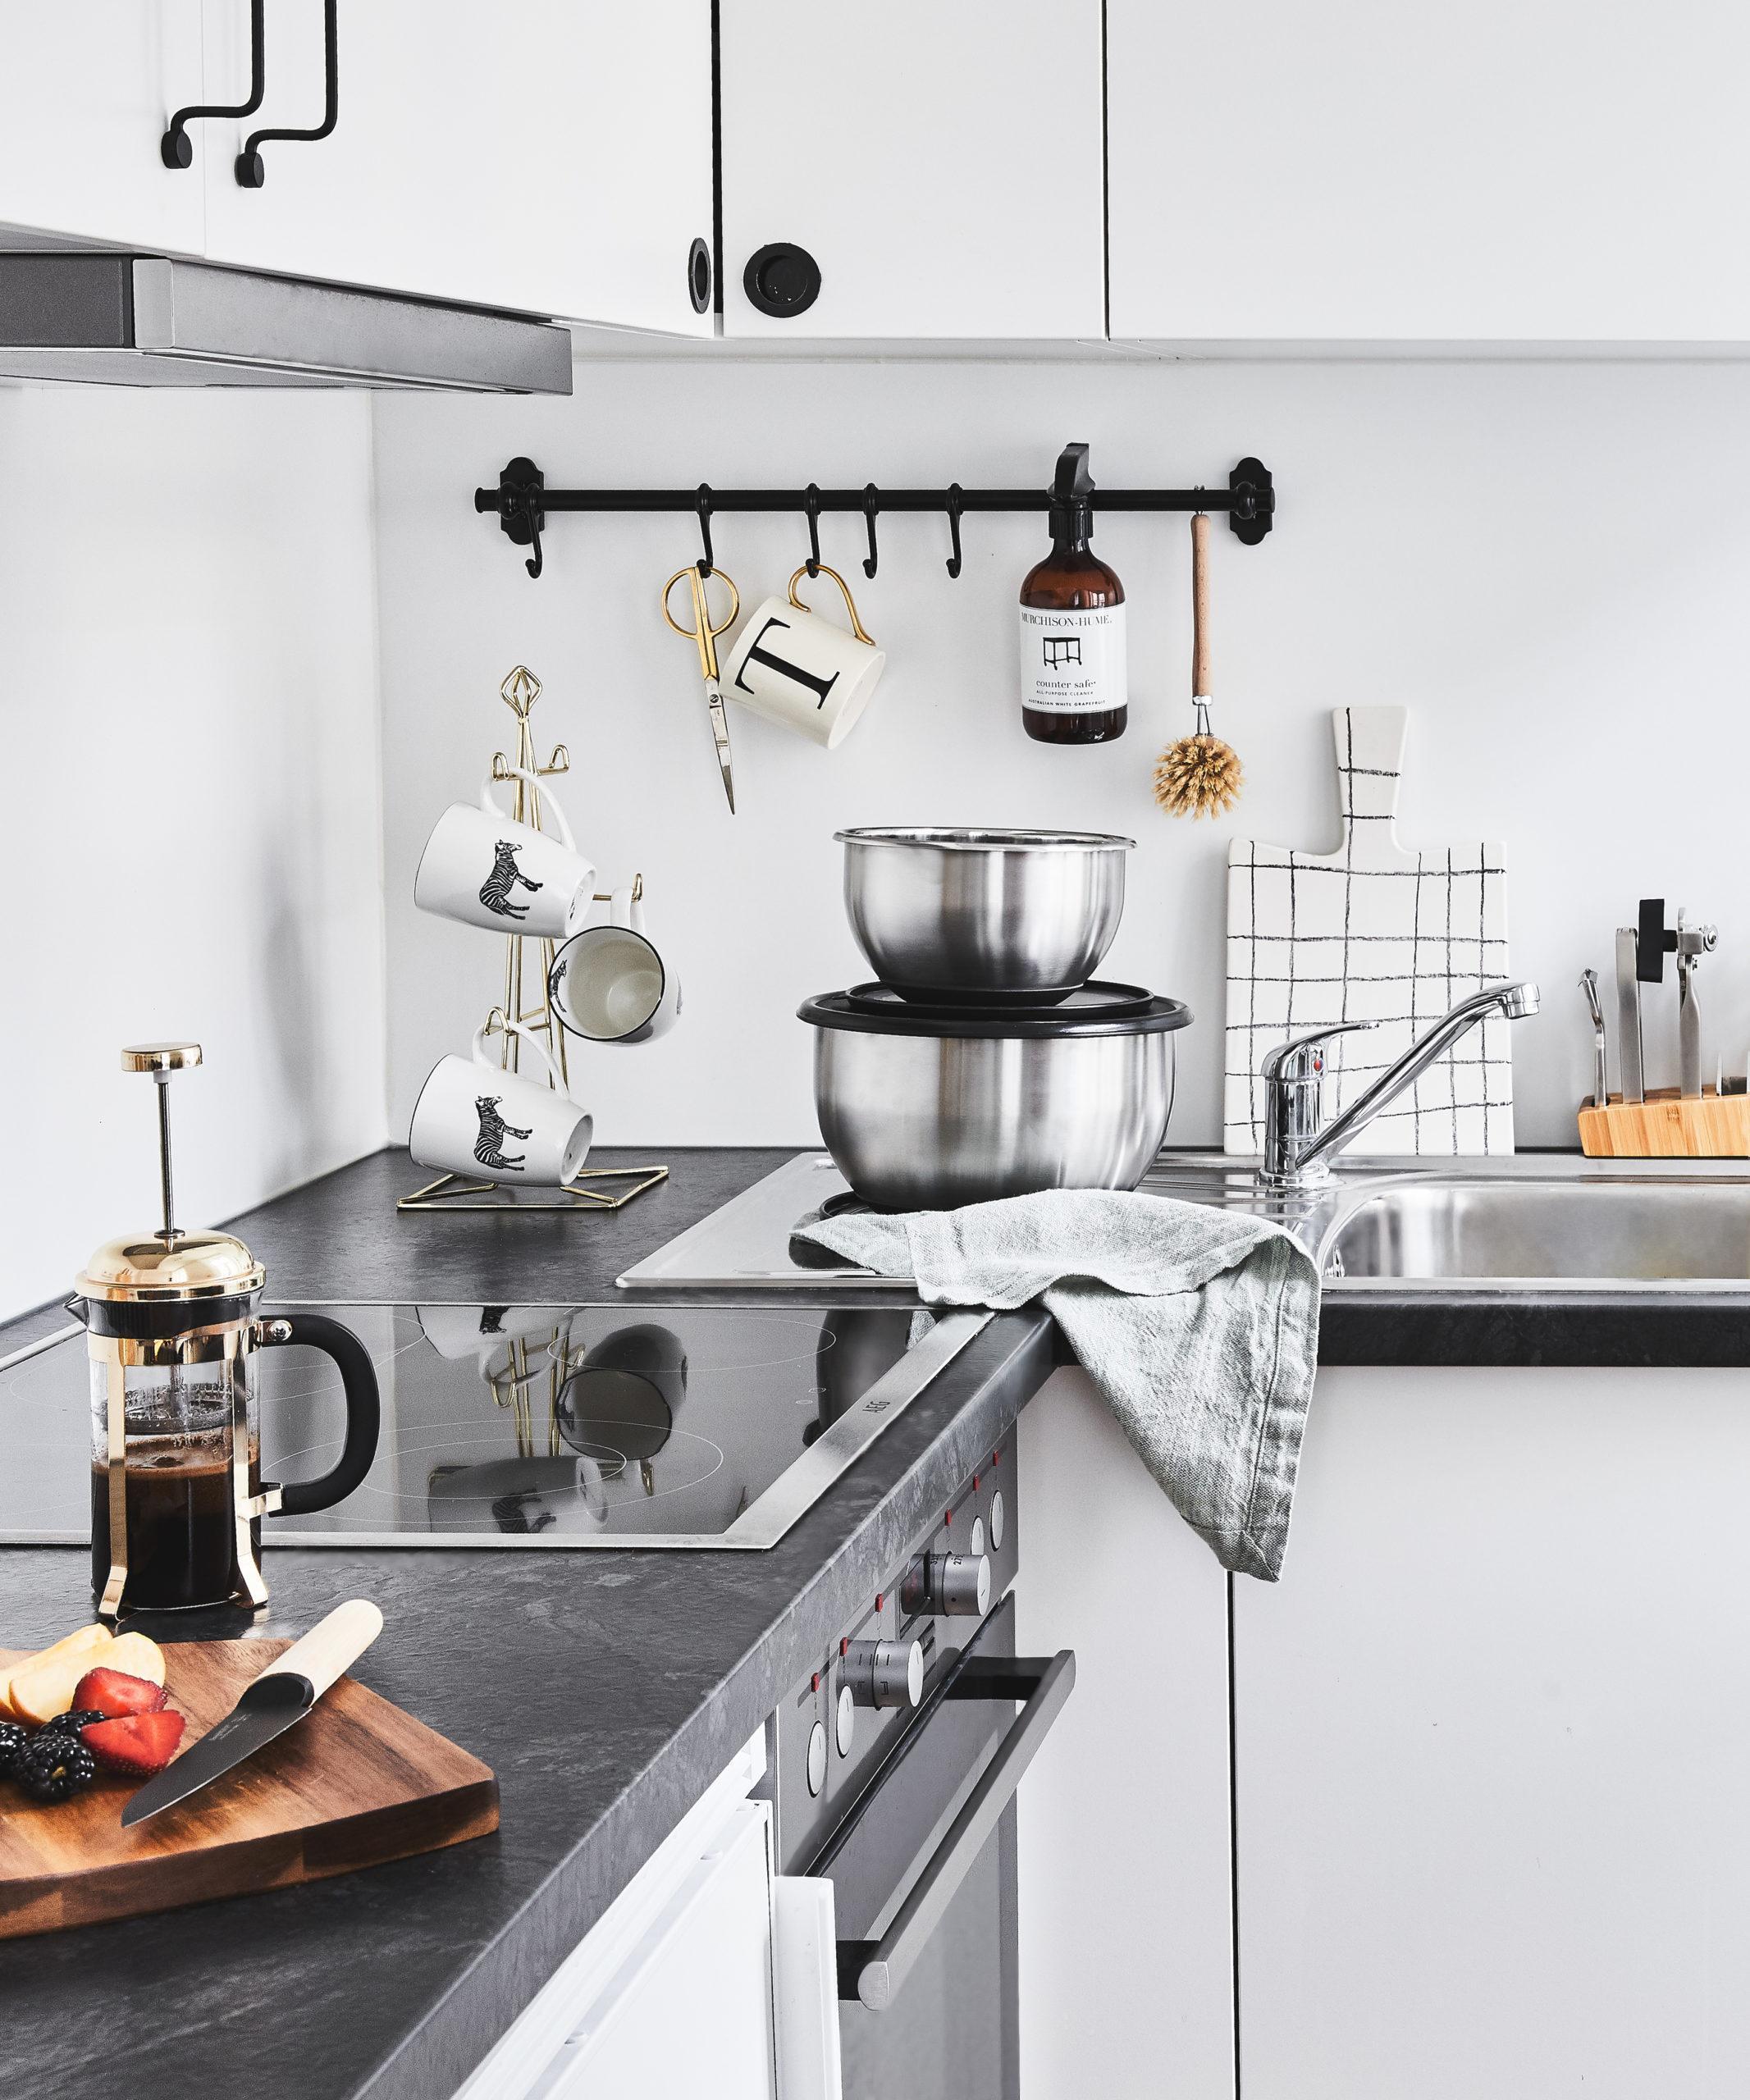 moderne keuken met accessoires